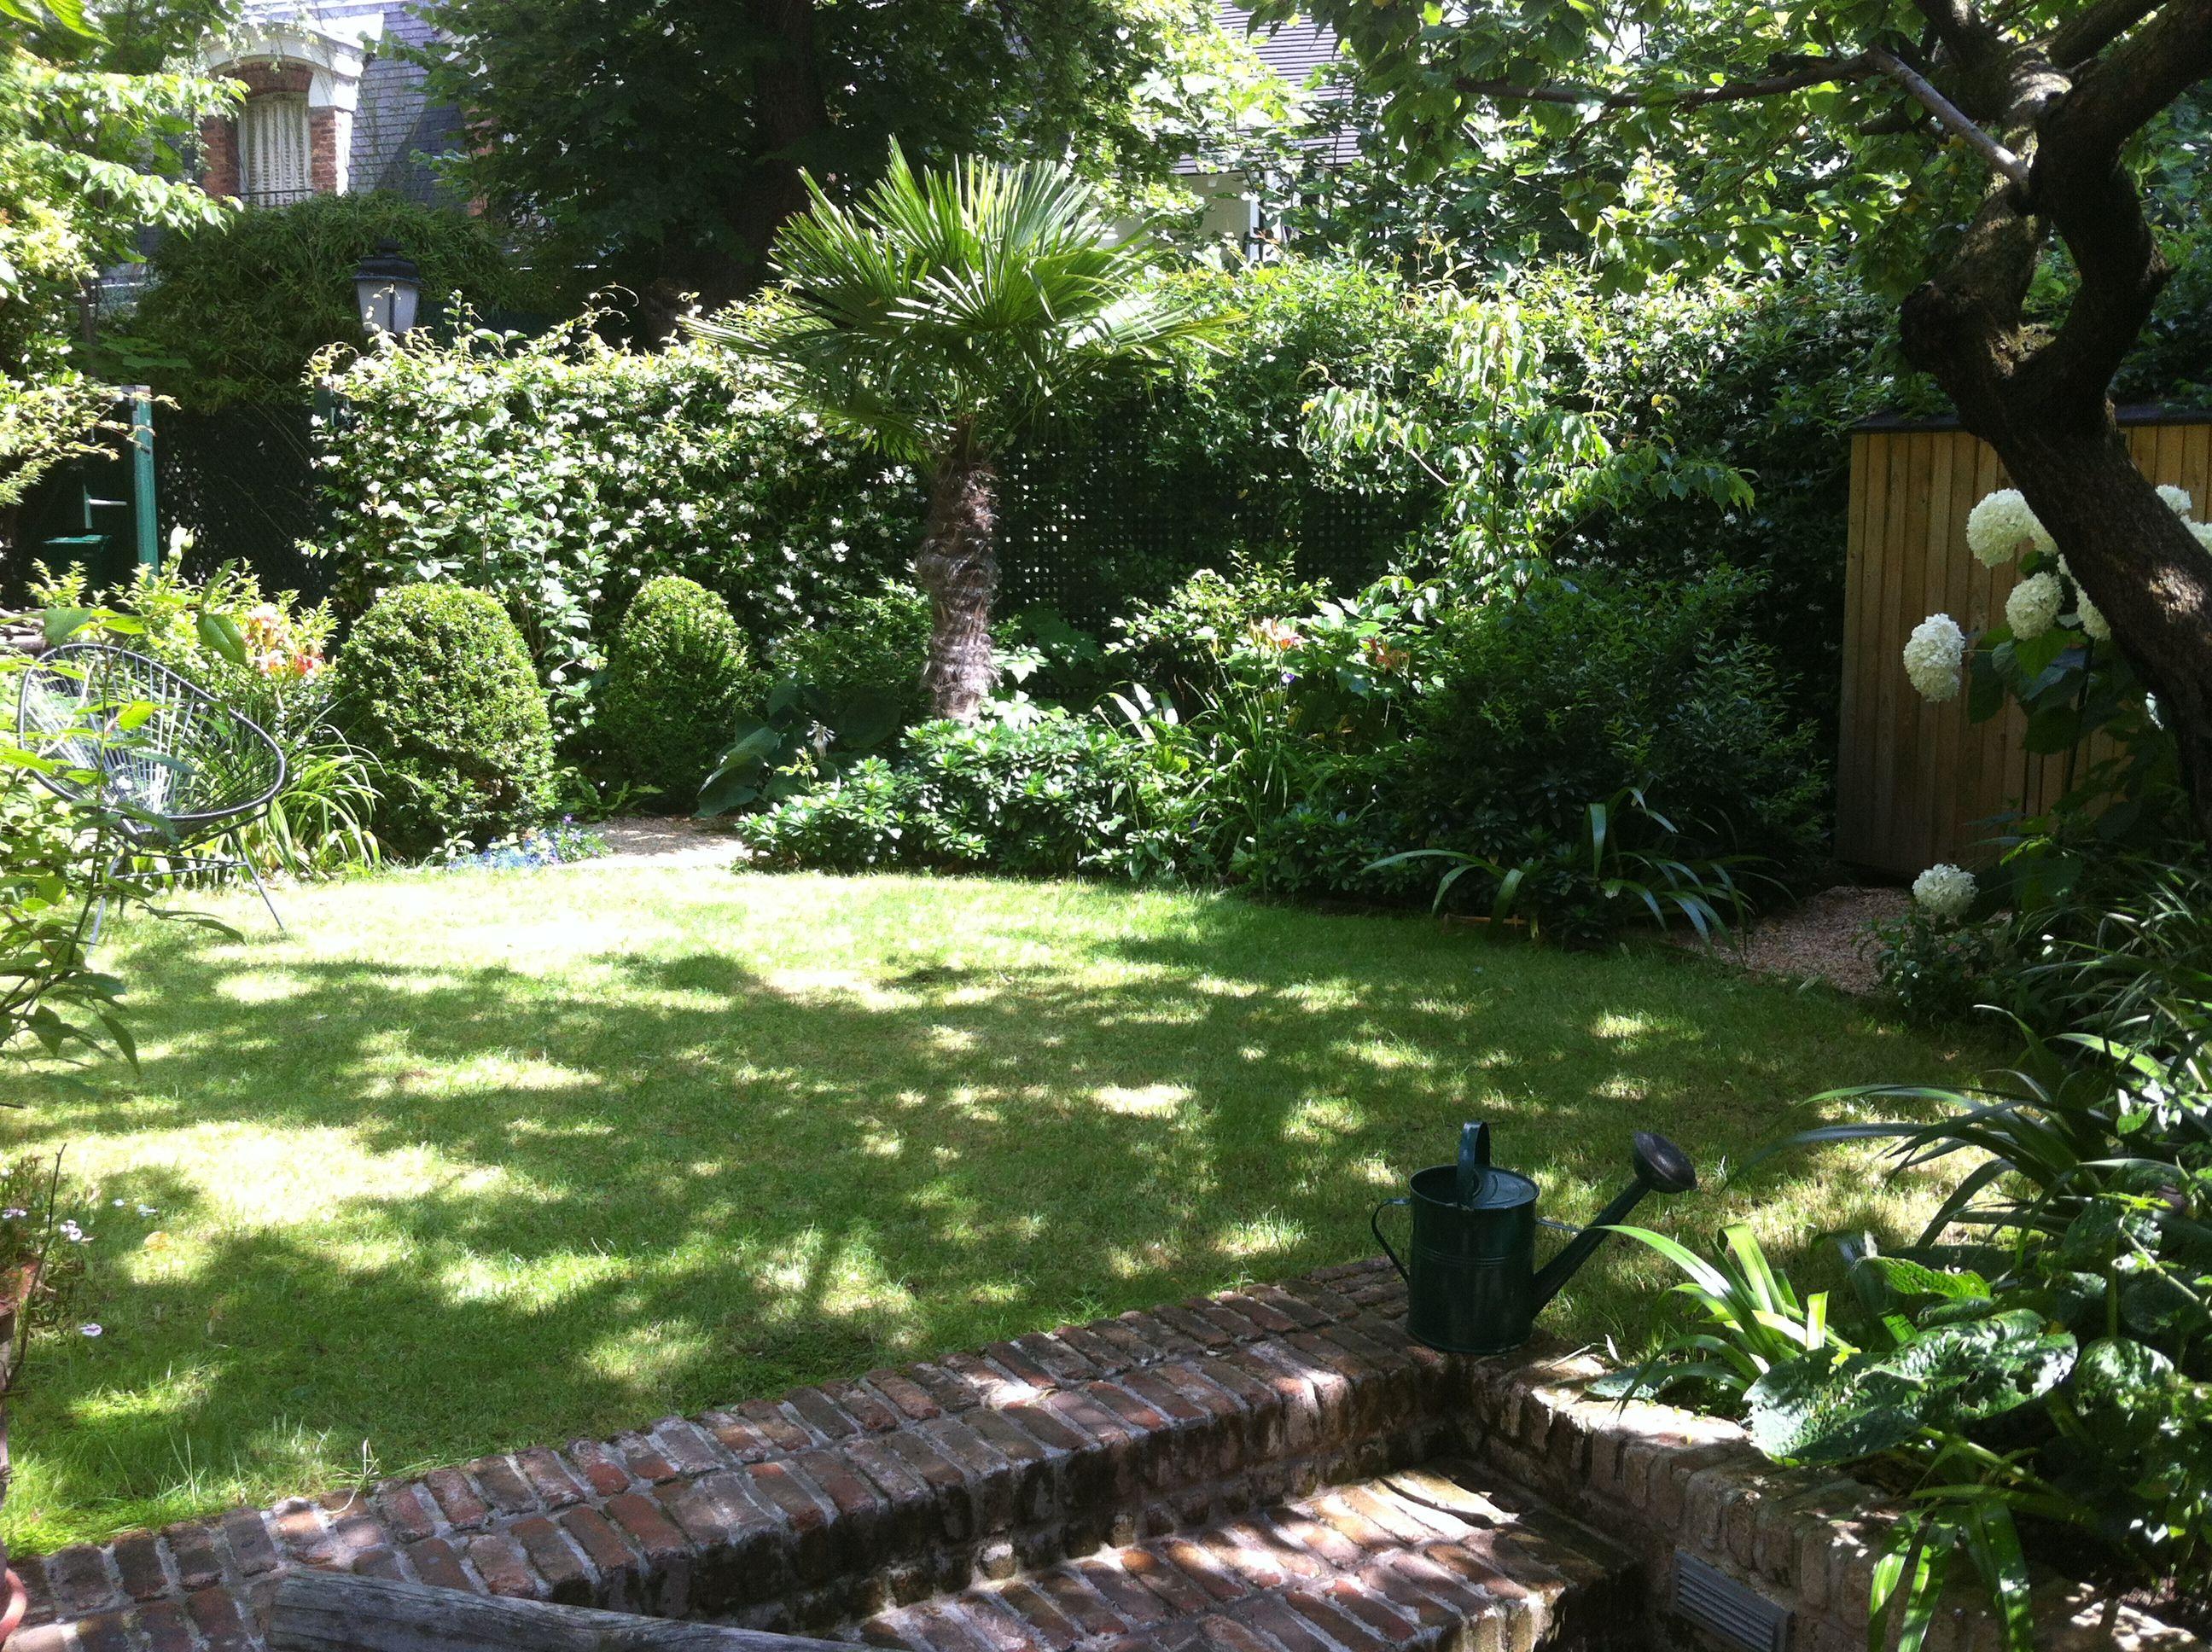 Un jardin dépaysant et ressour§ant en plein cœur de Paris aménagé